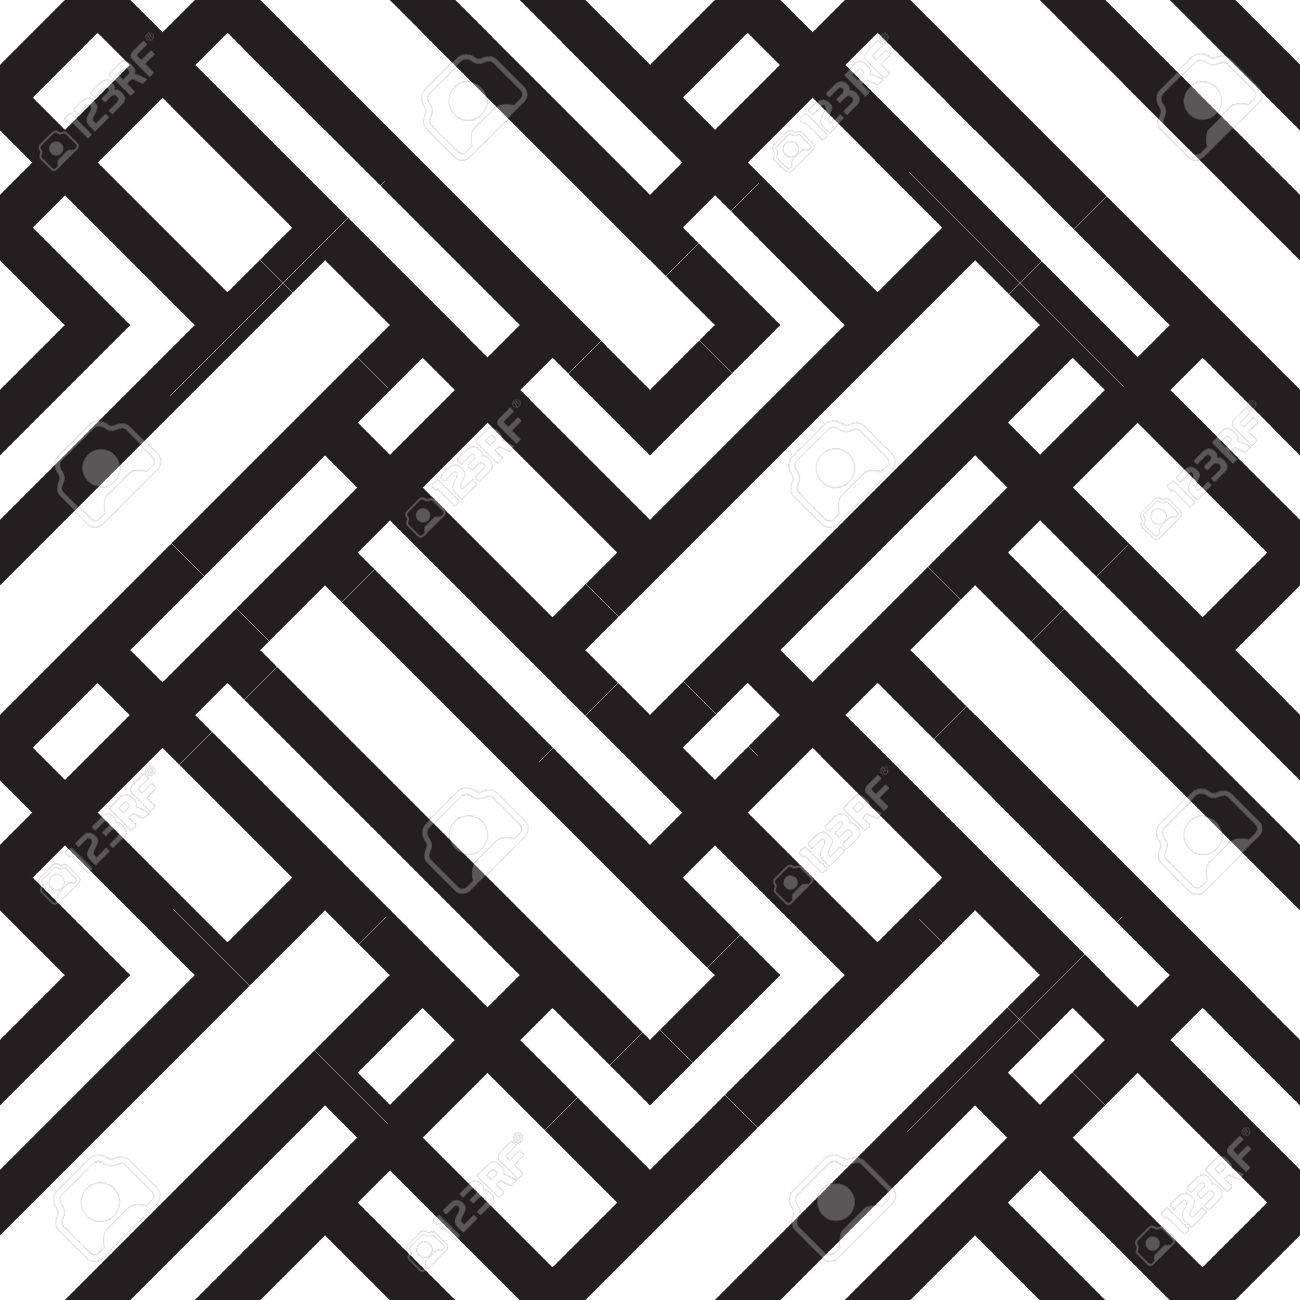 Schwarz Weiss Abstraktes Muster Geometrische 6